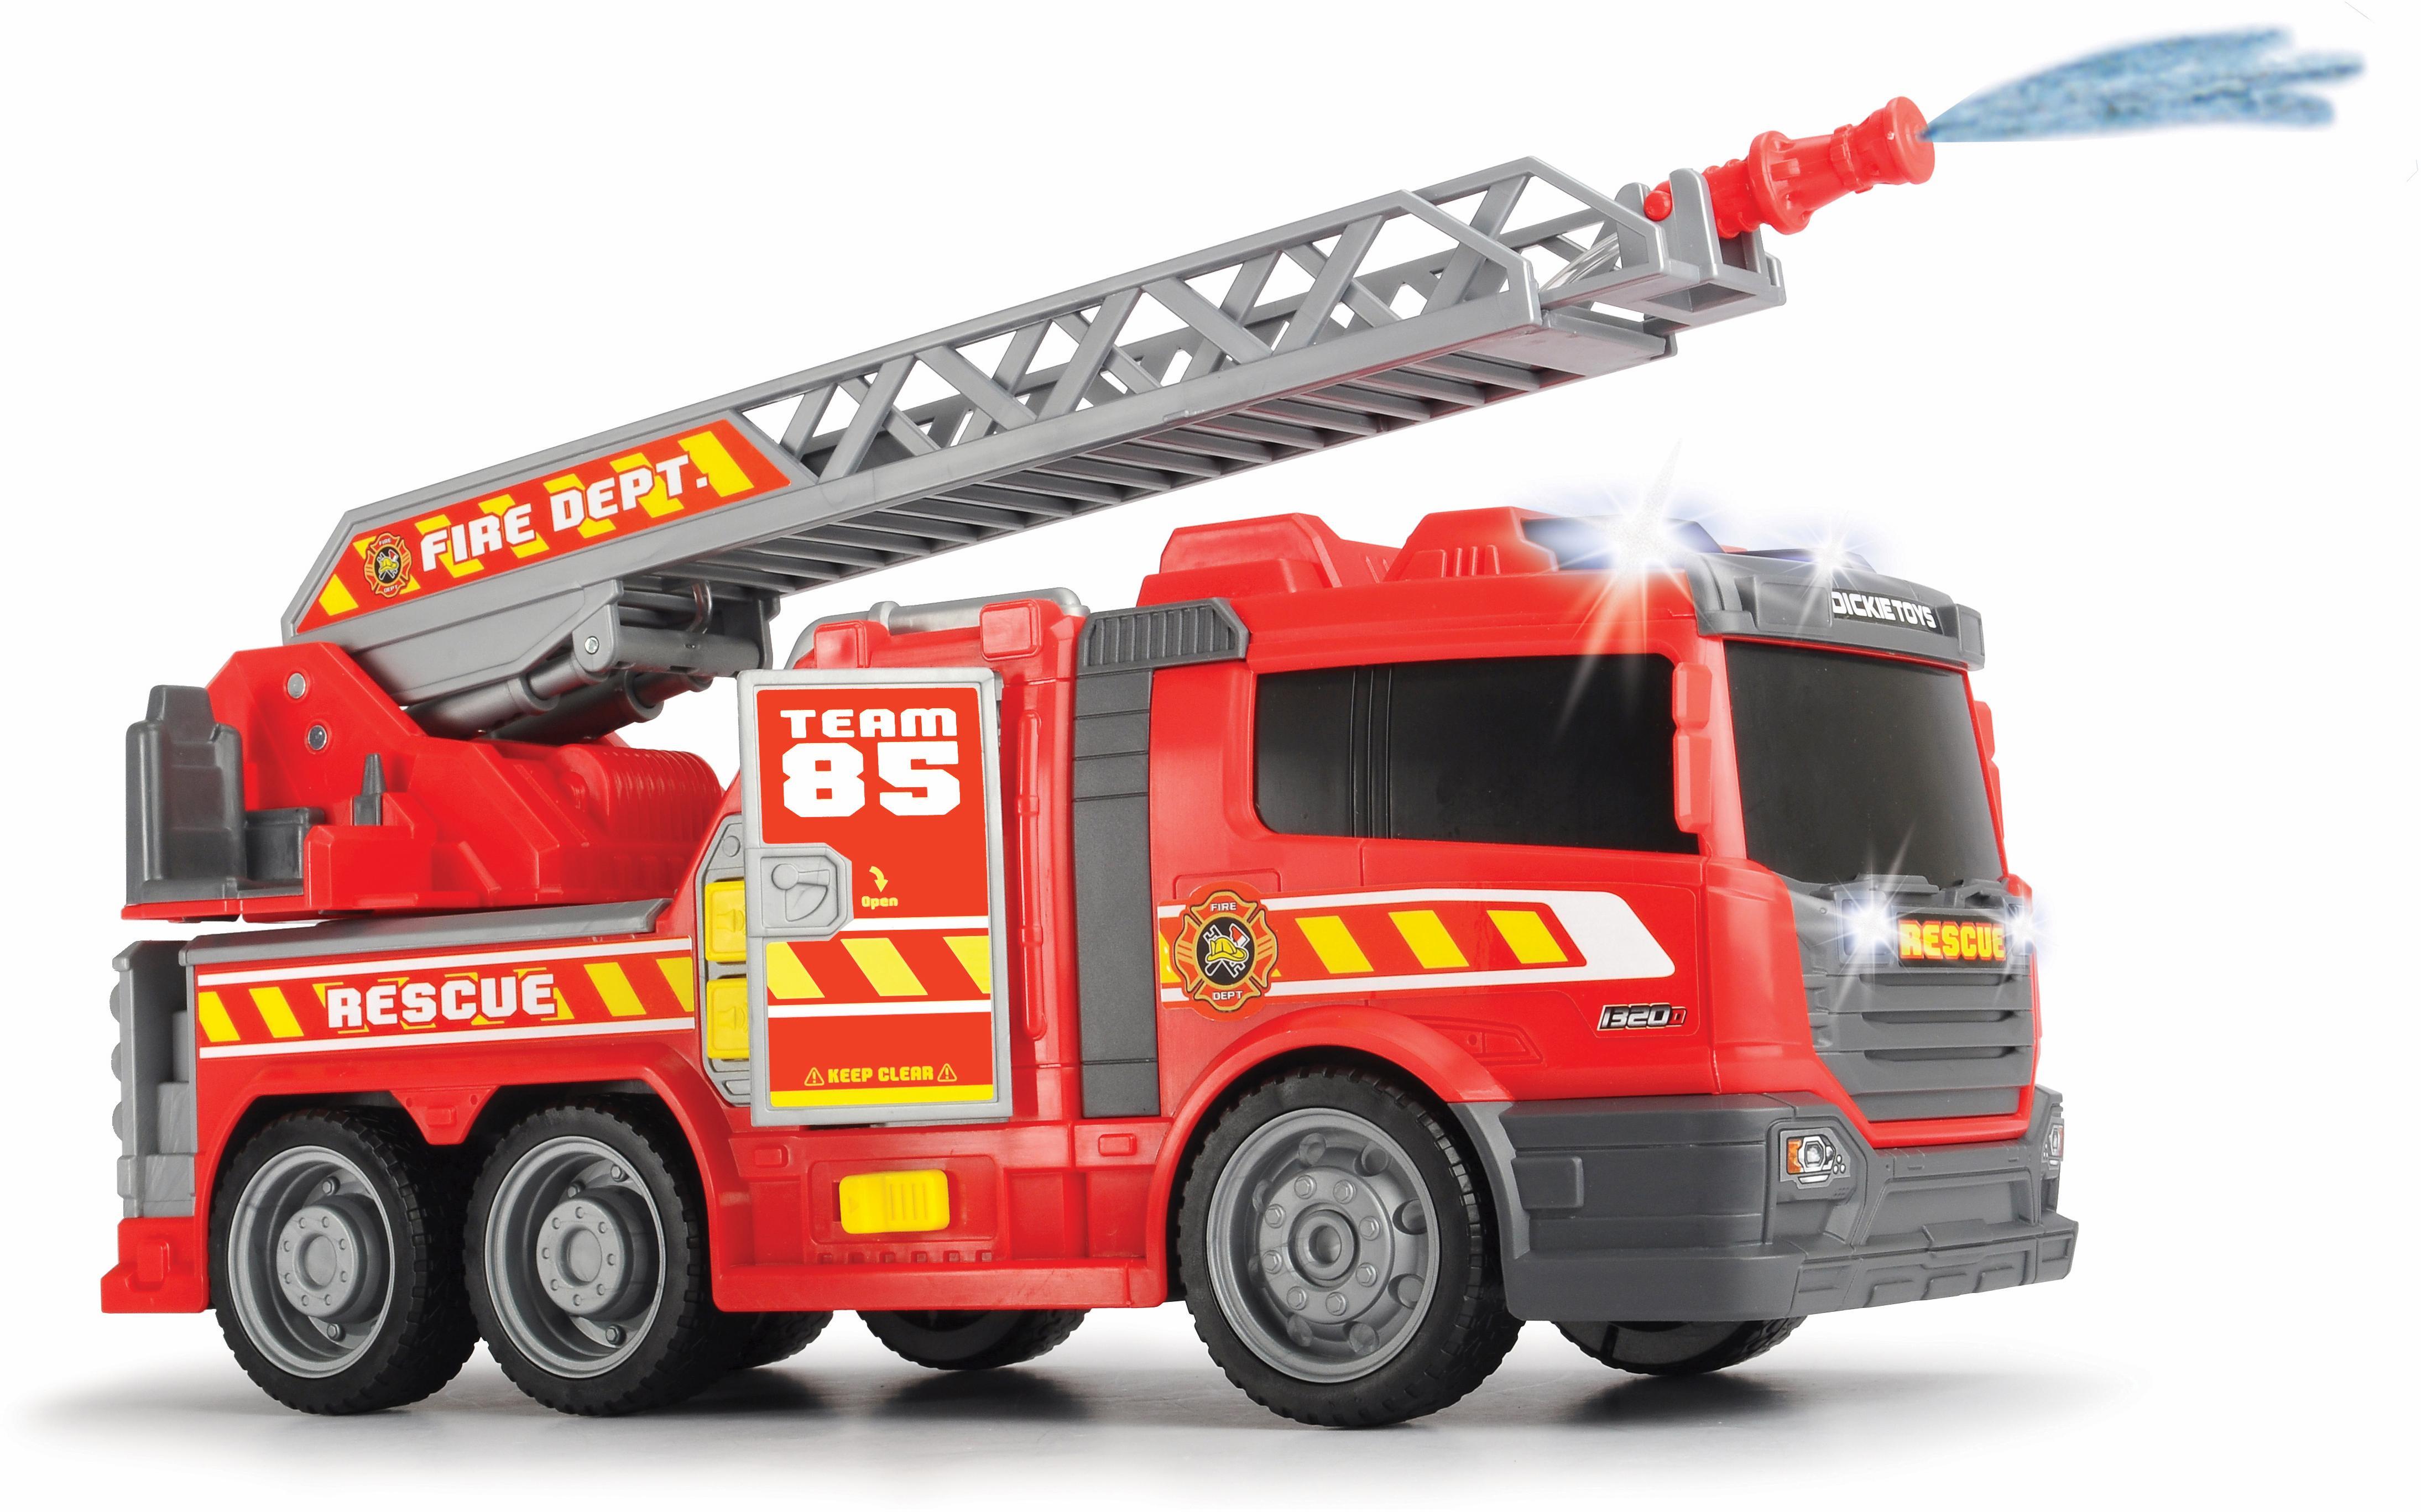 Dickie Toys Spielzeug-Feuerwehr Fire Fighter - Feuerwehrauto rot Kinder Ab 3-5 Jahren Altersempfehlung Spielzeugfahrzeuge